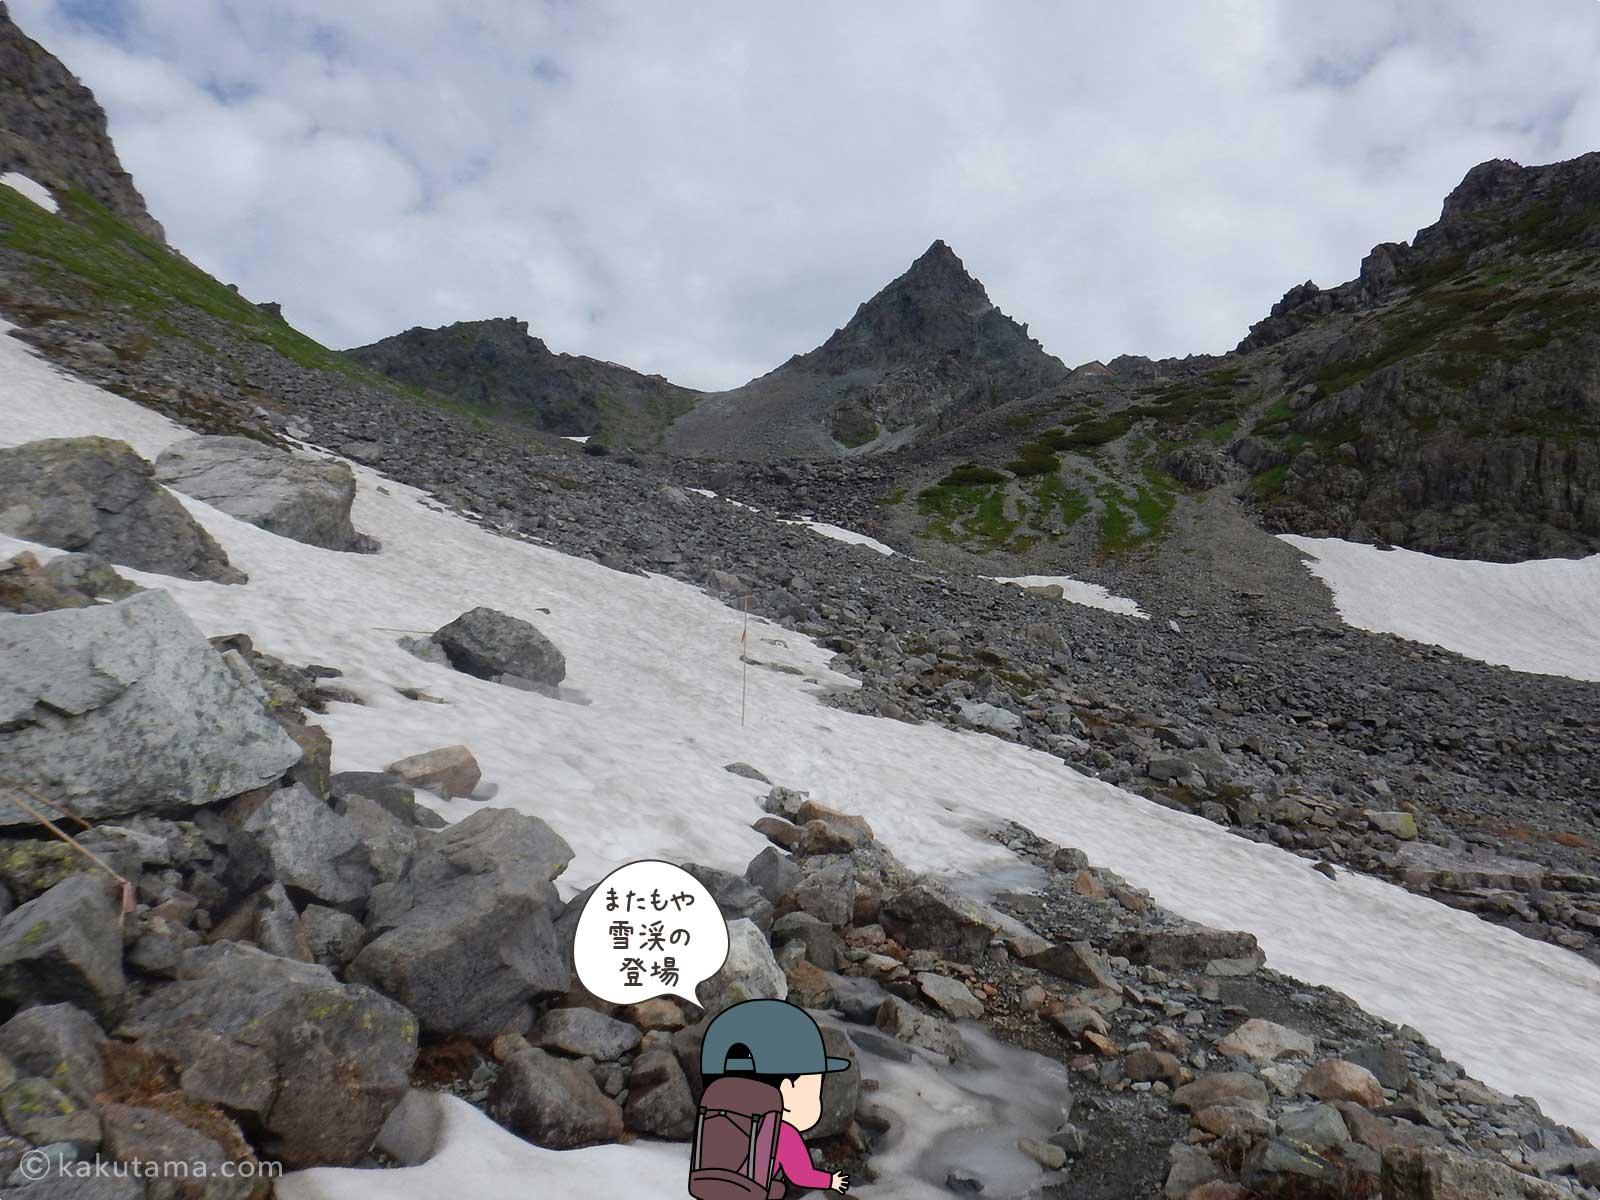 またもや雪渓